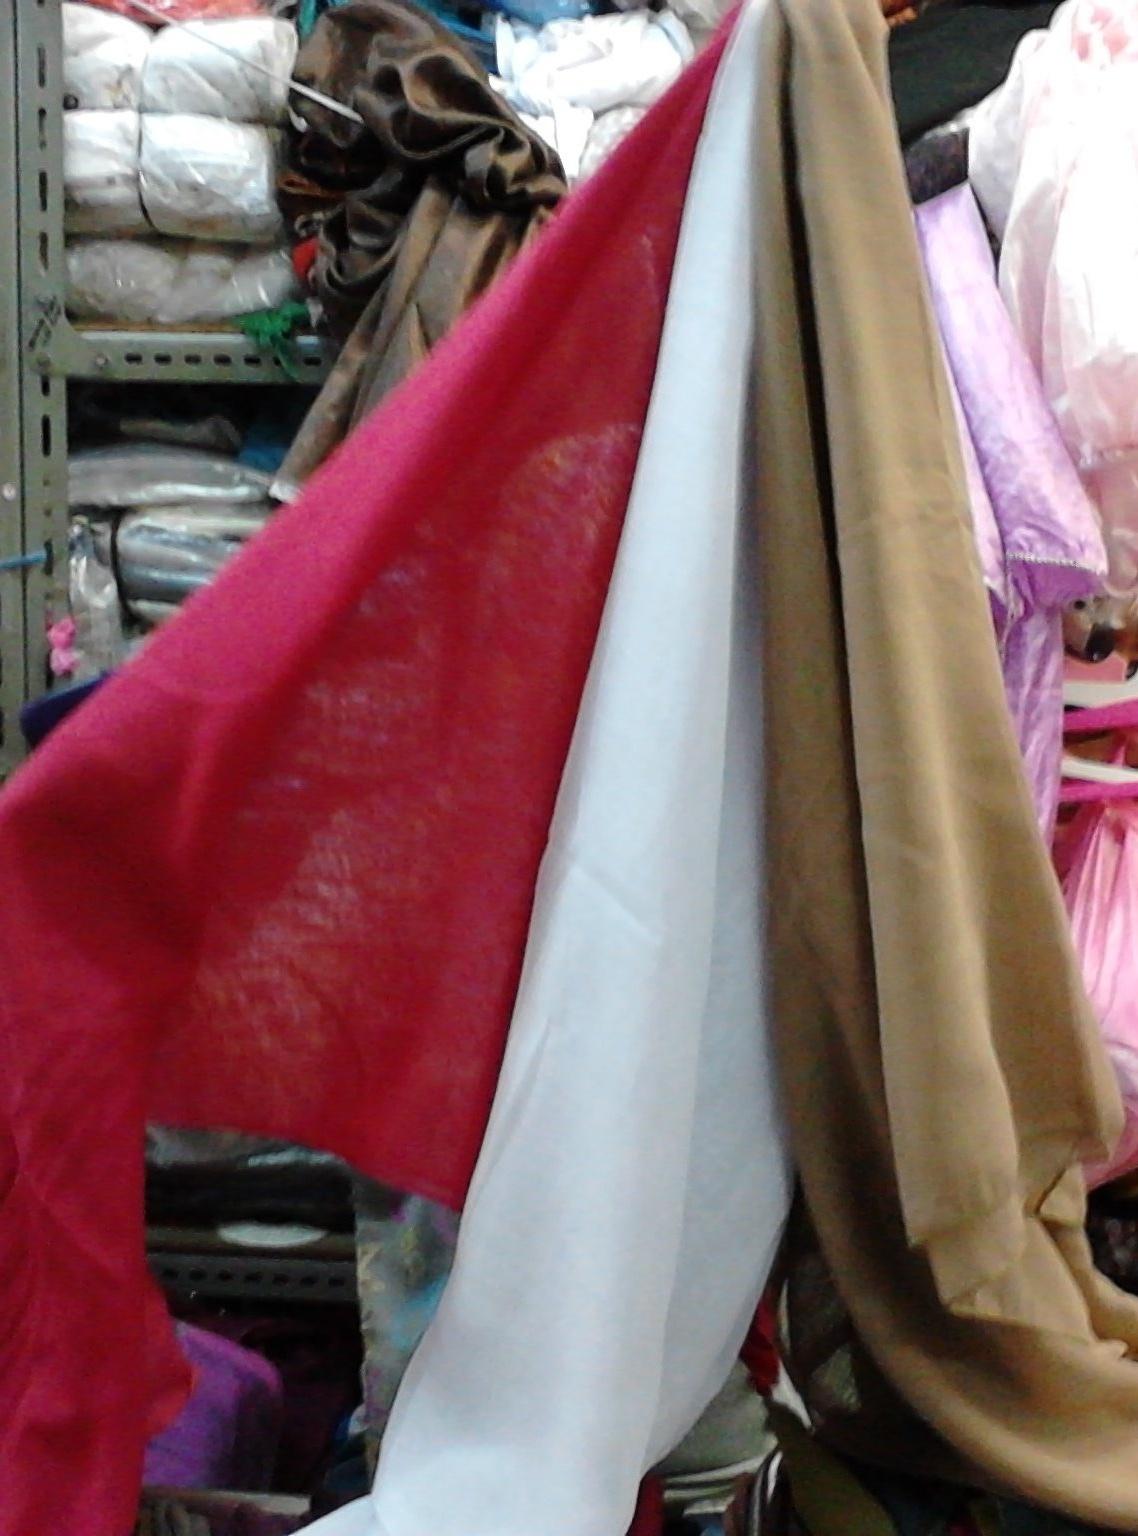 Harga Grosir Terupdate Jilbab Paris Polos Tanah Abang Jilbab Parpol Grosir Asli Pashmina Grosir Jilbab Tanah Abang Jual Jilbab Paris